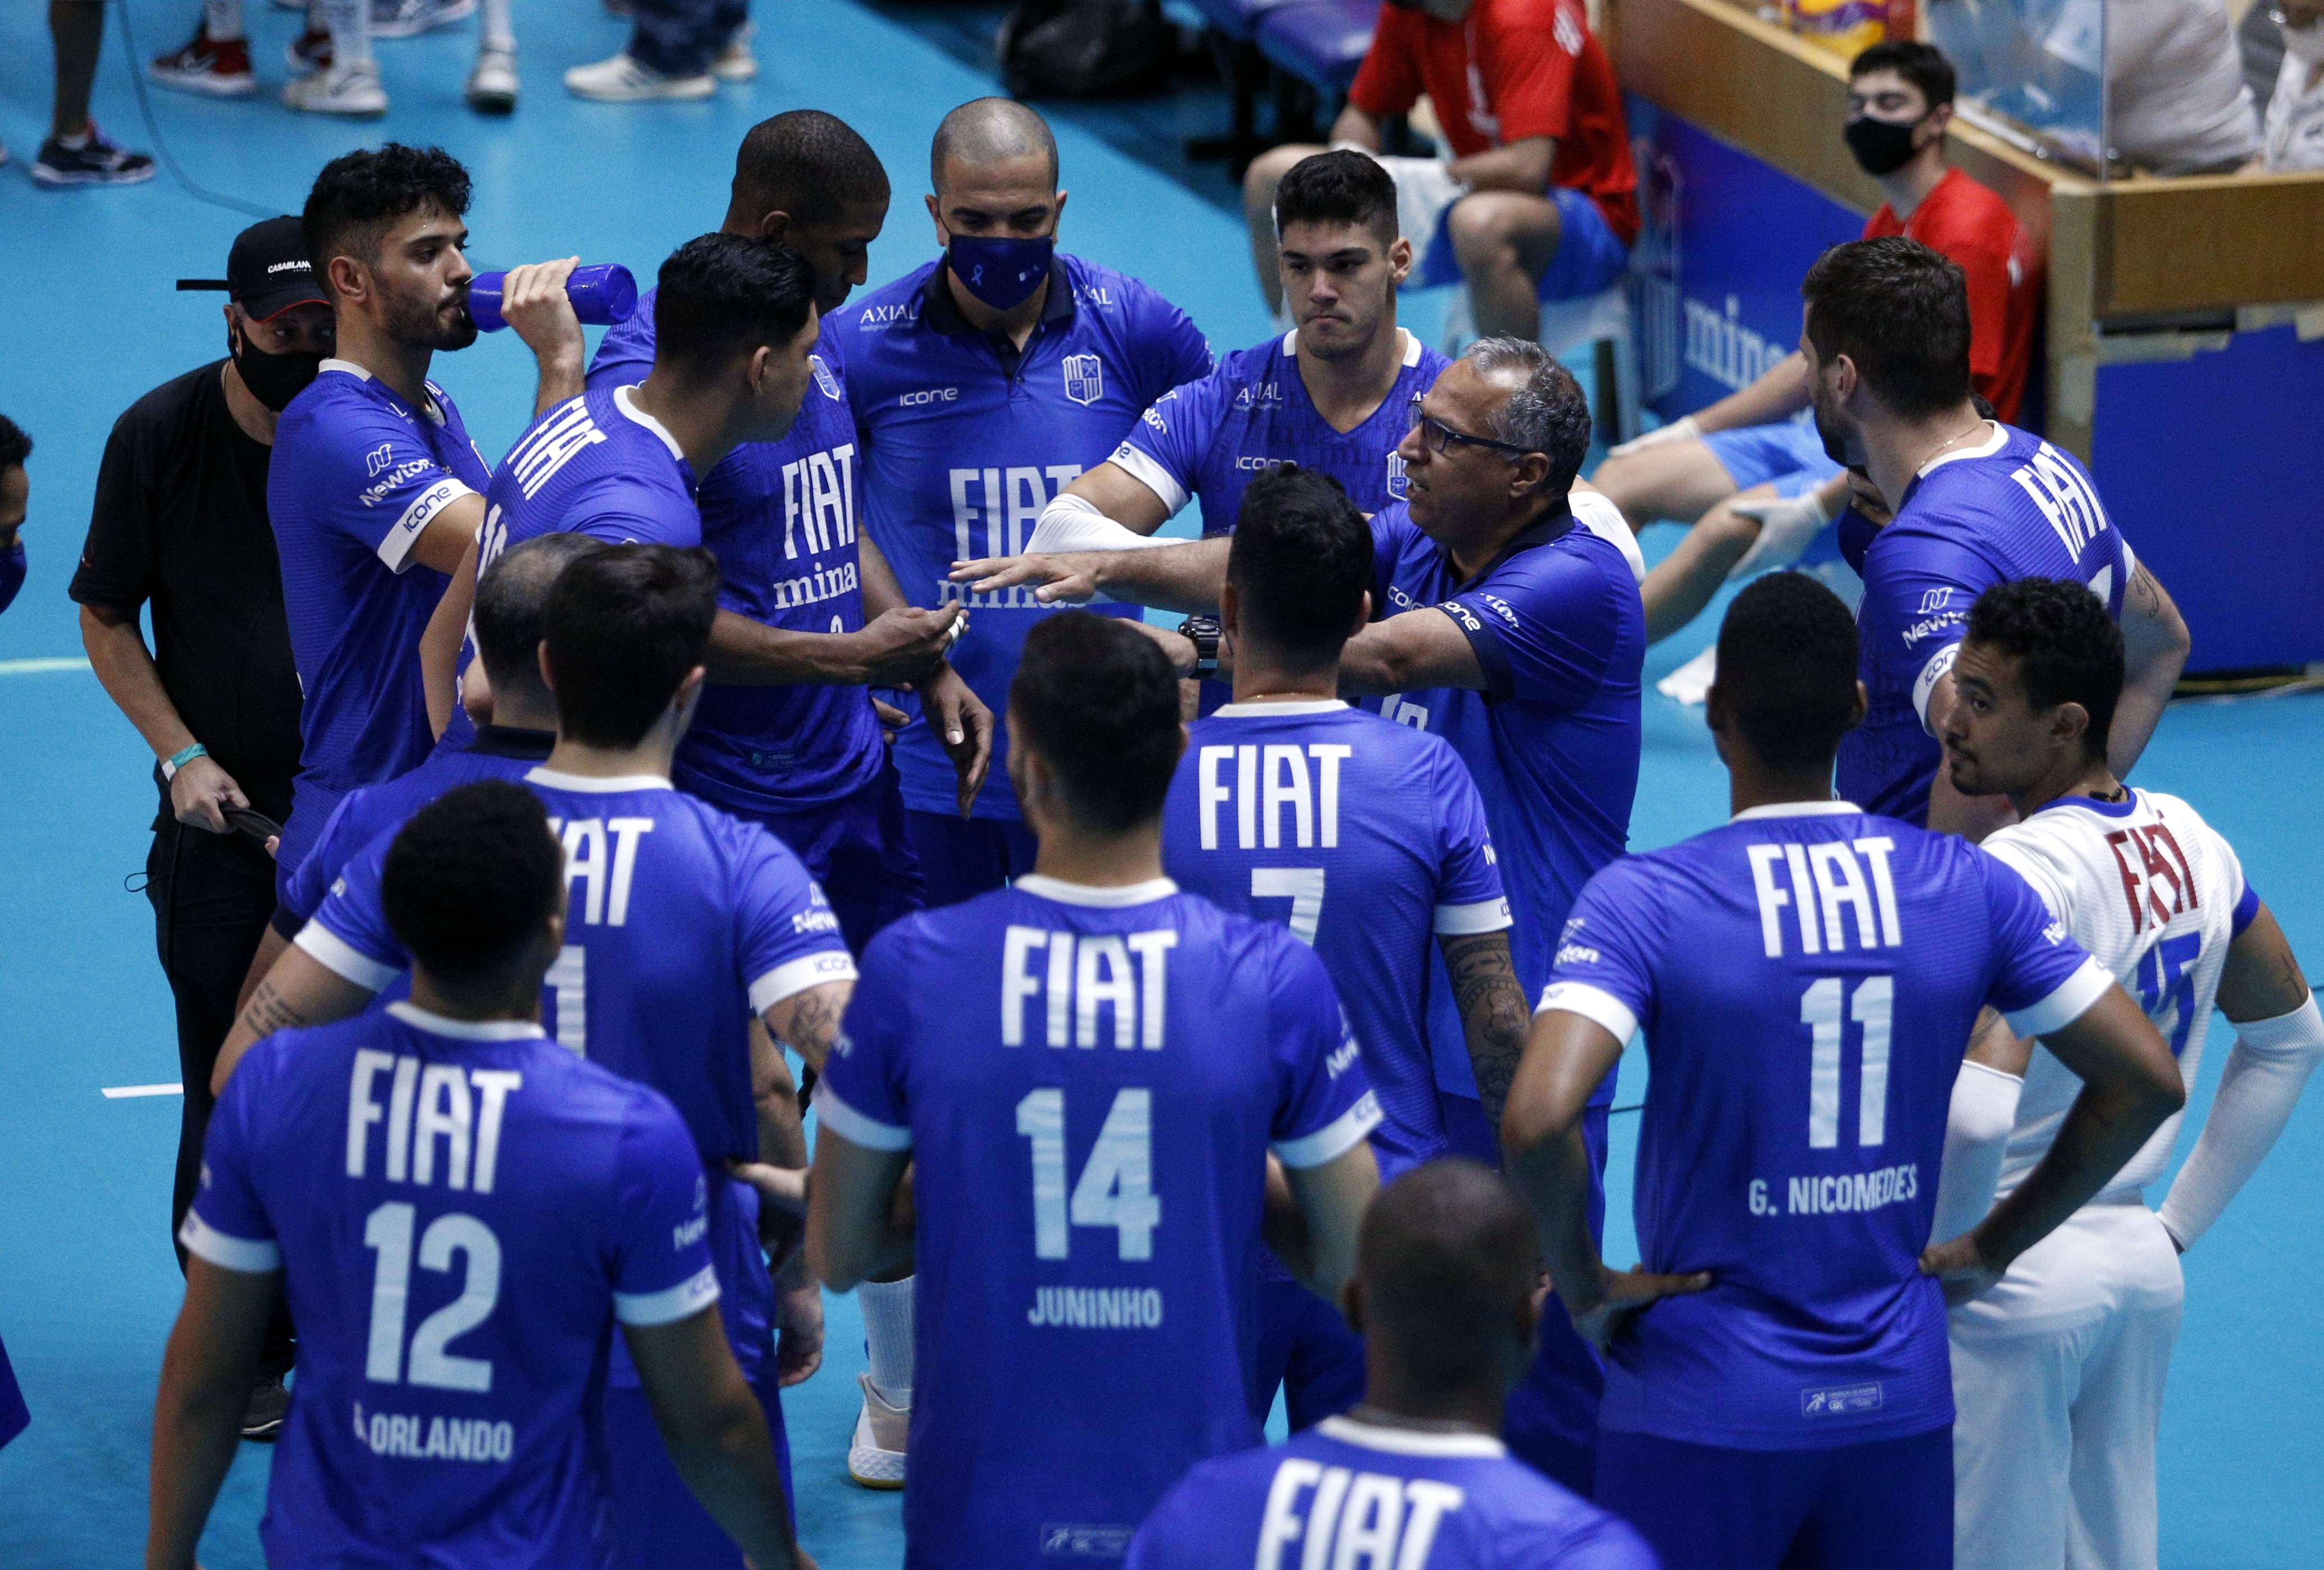 Nery Tambeiro tem preparado o Fiat/Minas para a semifinal da Superliga / Fotos: Orlando Bento/MTC